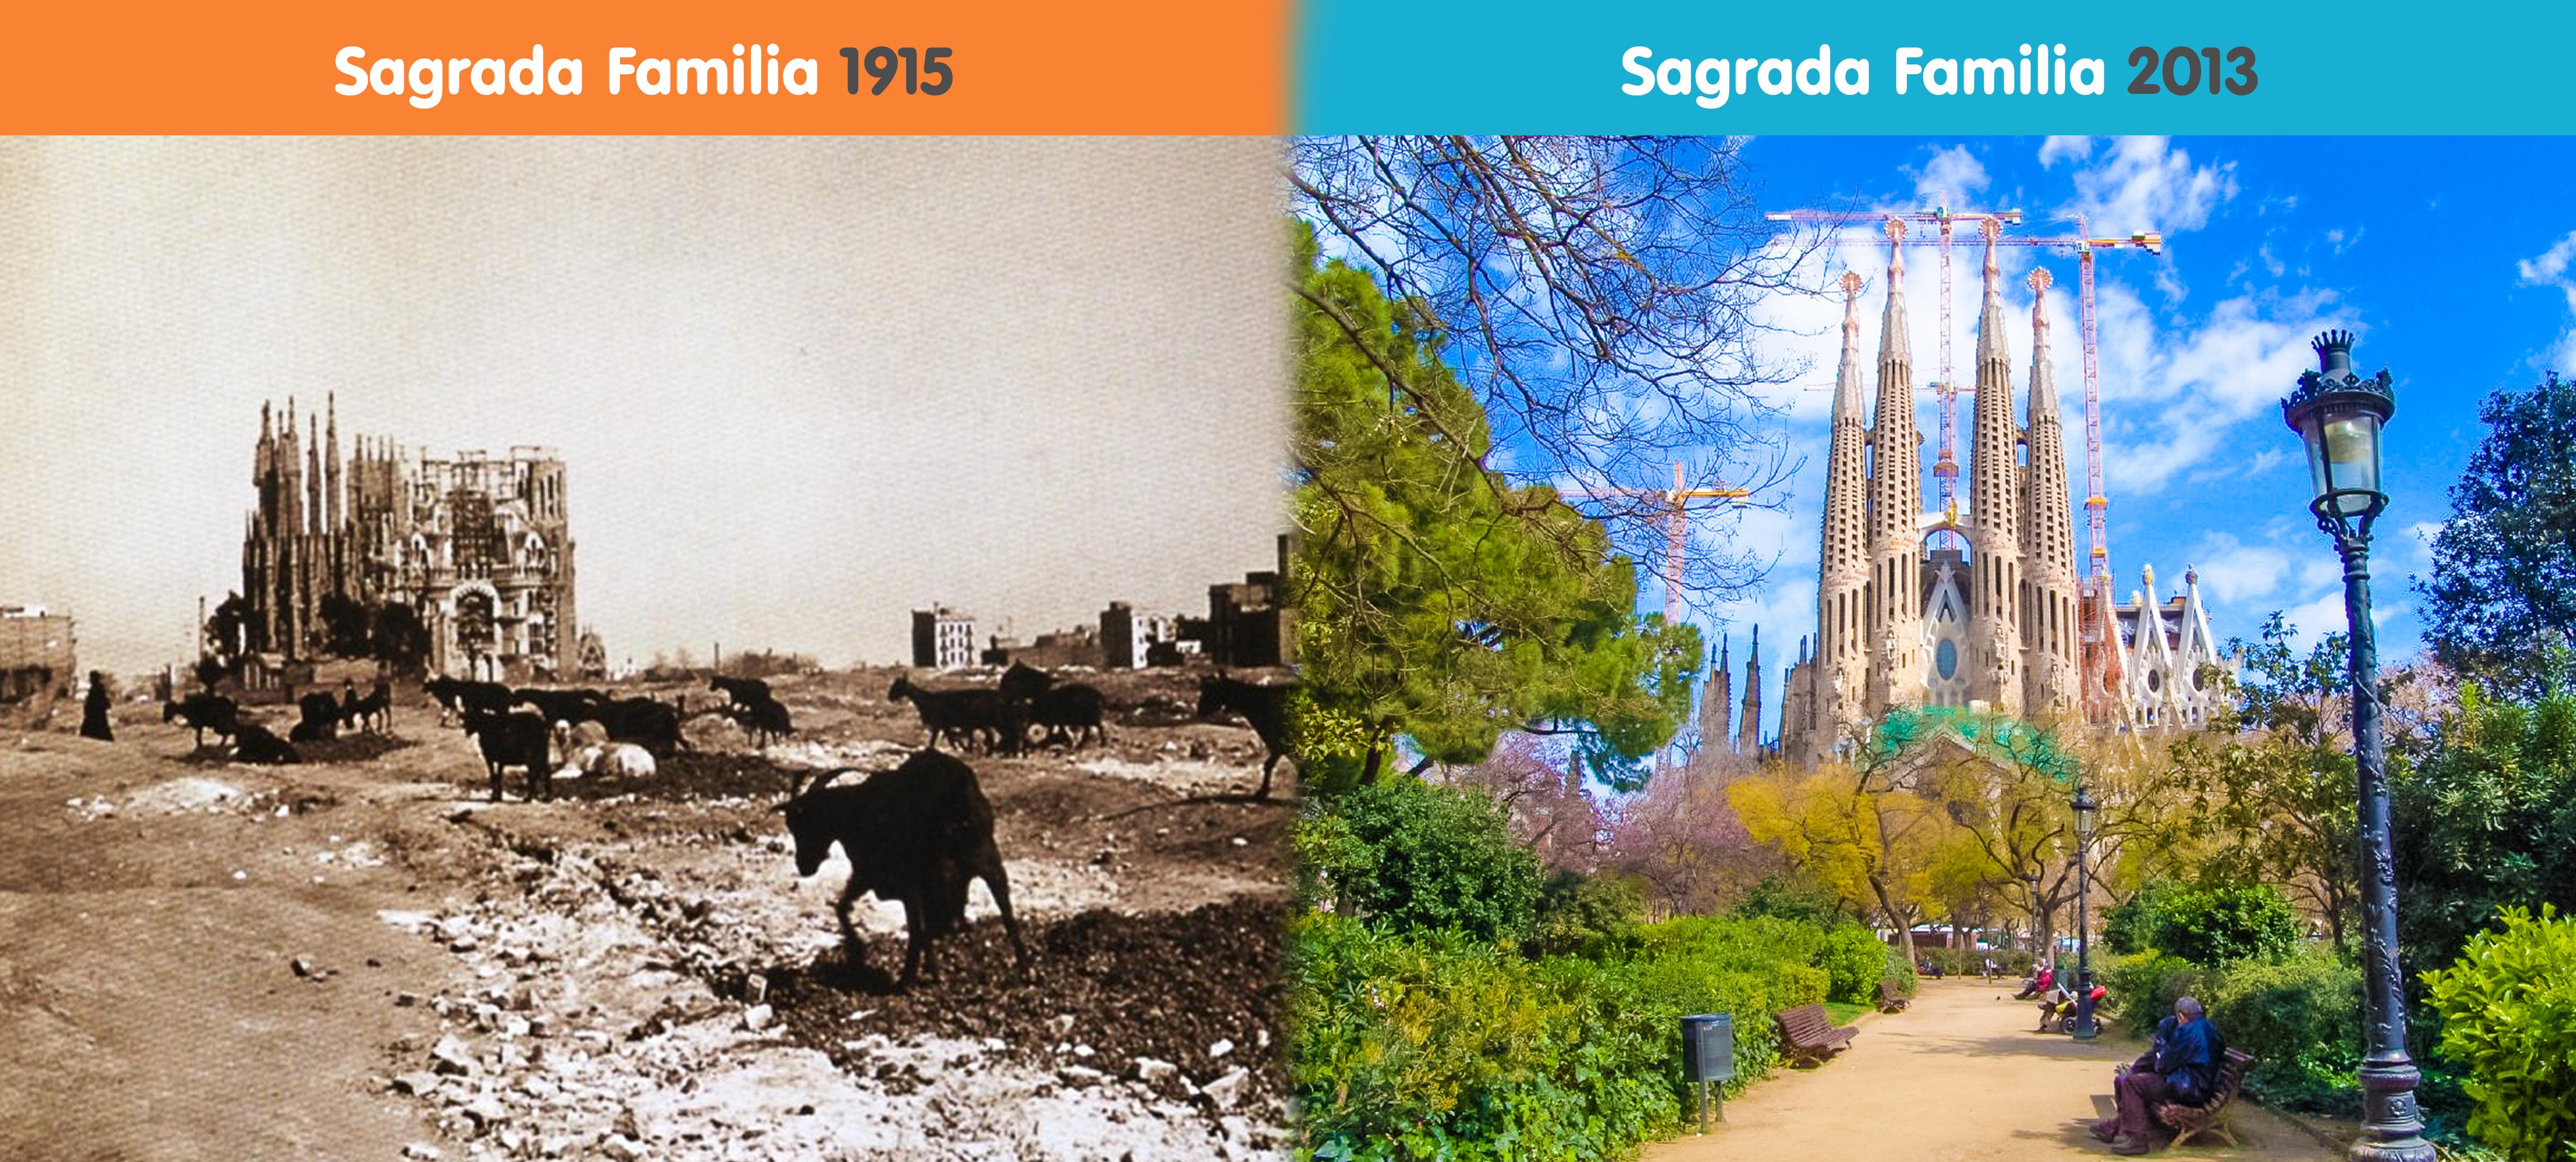 Korte Geschiedenis van de Sagrada Familia